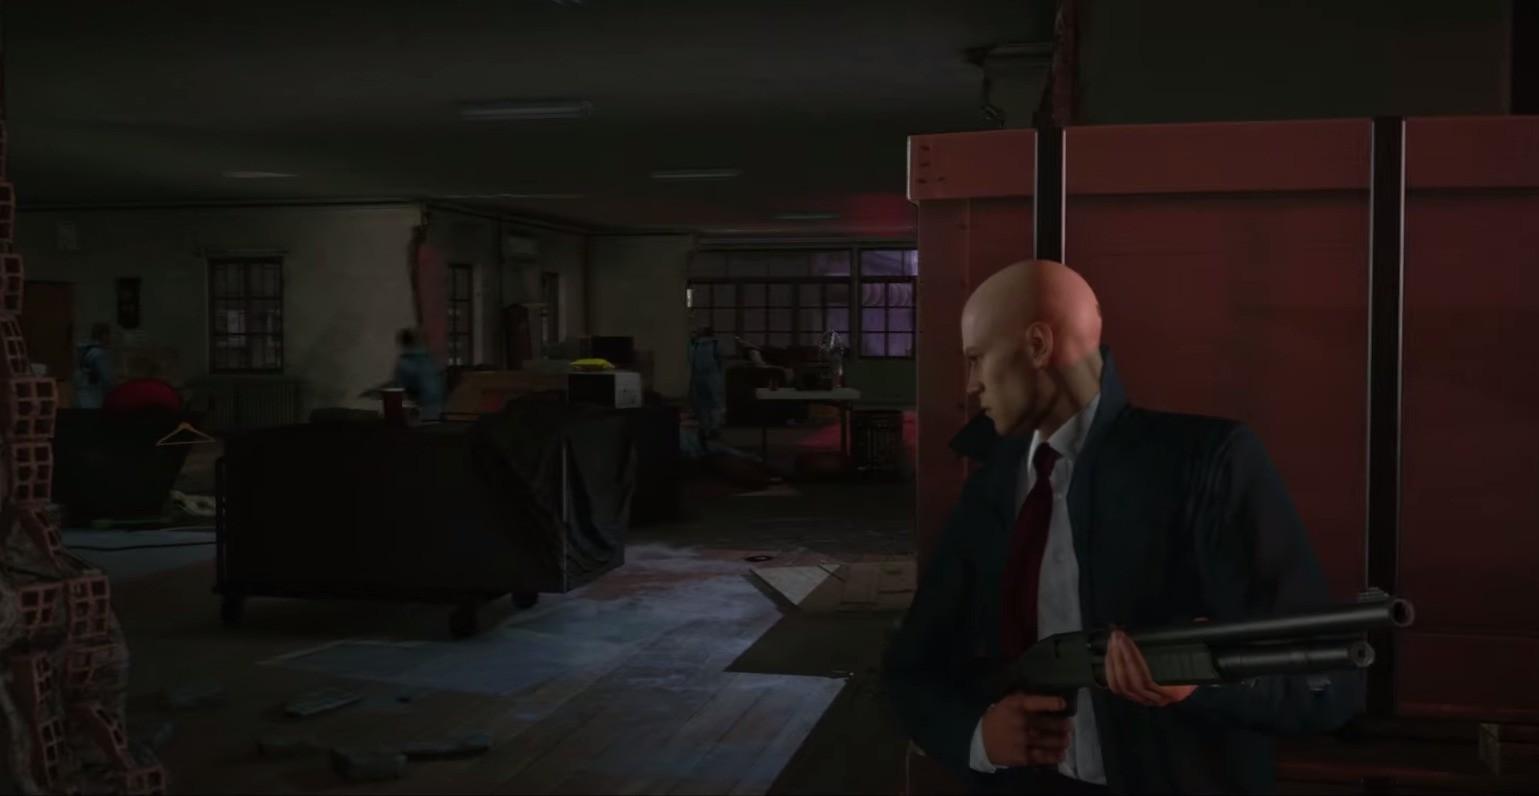 《杀手3》游戏开发商公布PC平台玩家购买指南